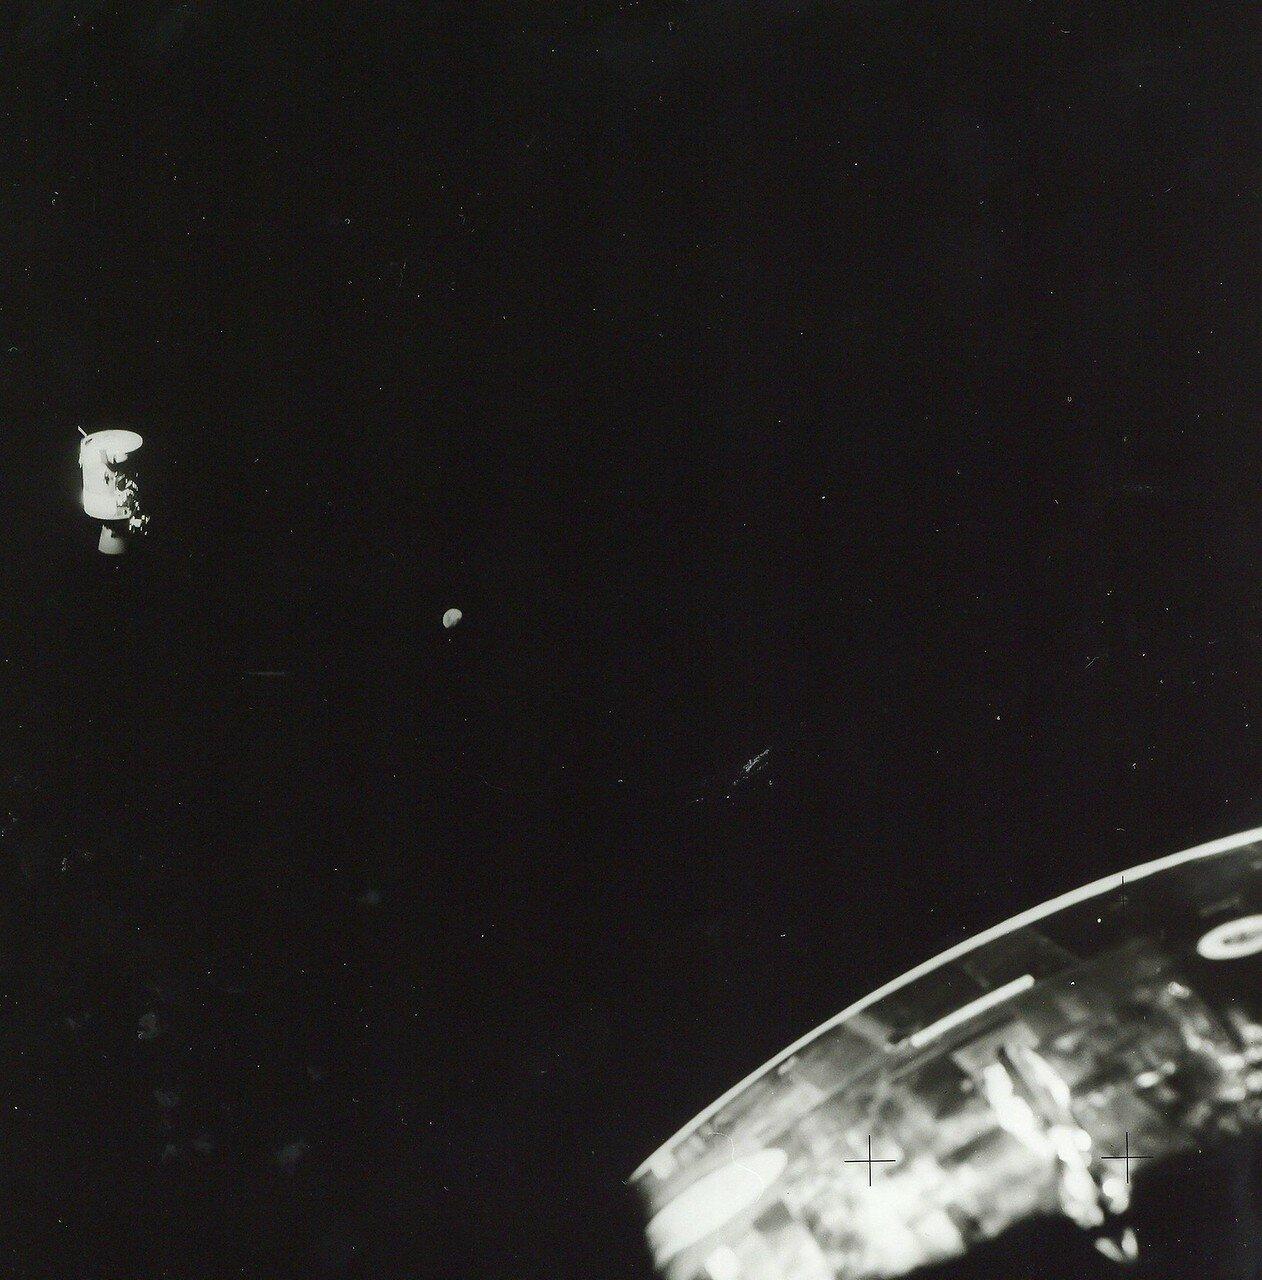 Несмотря на сложность процедуры, в 13 часов 14 минут 48 секунд (138:01:48 полетного времени) двигательный отсек благополучно был отделён от корабля. В 13 часов 28 минут после увода отсека астронавты получили возможность его рассмотреть и сфотографировать.